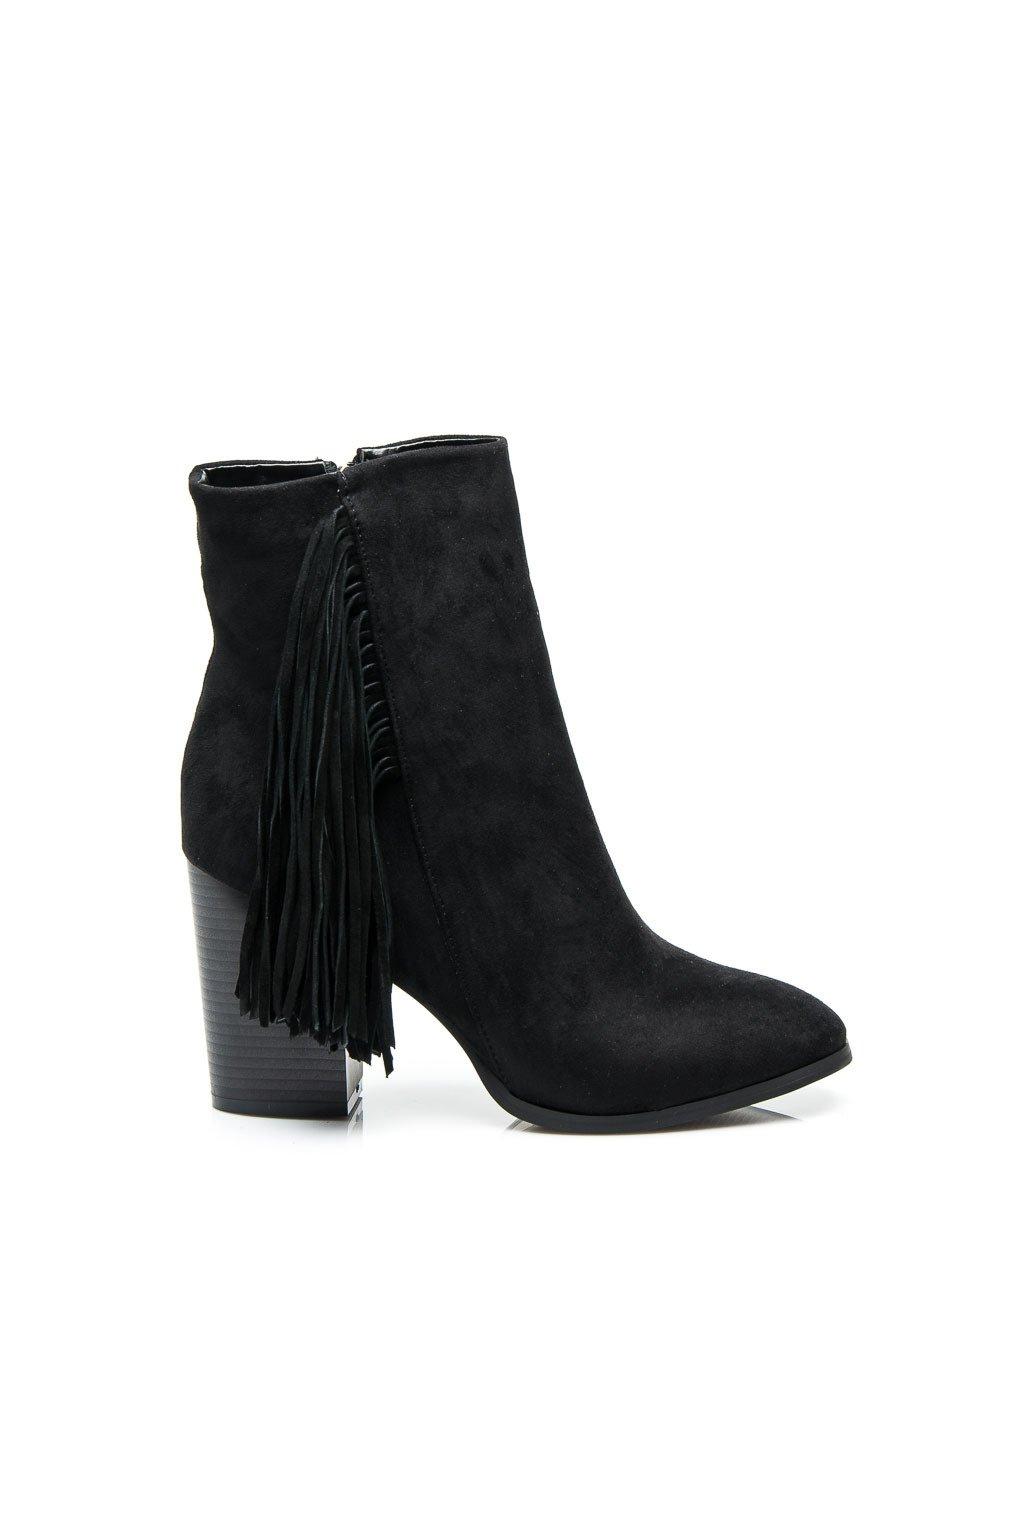 Čierne topánky v štýle BOHO ES-2381B / D3-L45 veľ.č. 36, 40 (Veľkosť UK7 / EUR 40)